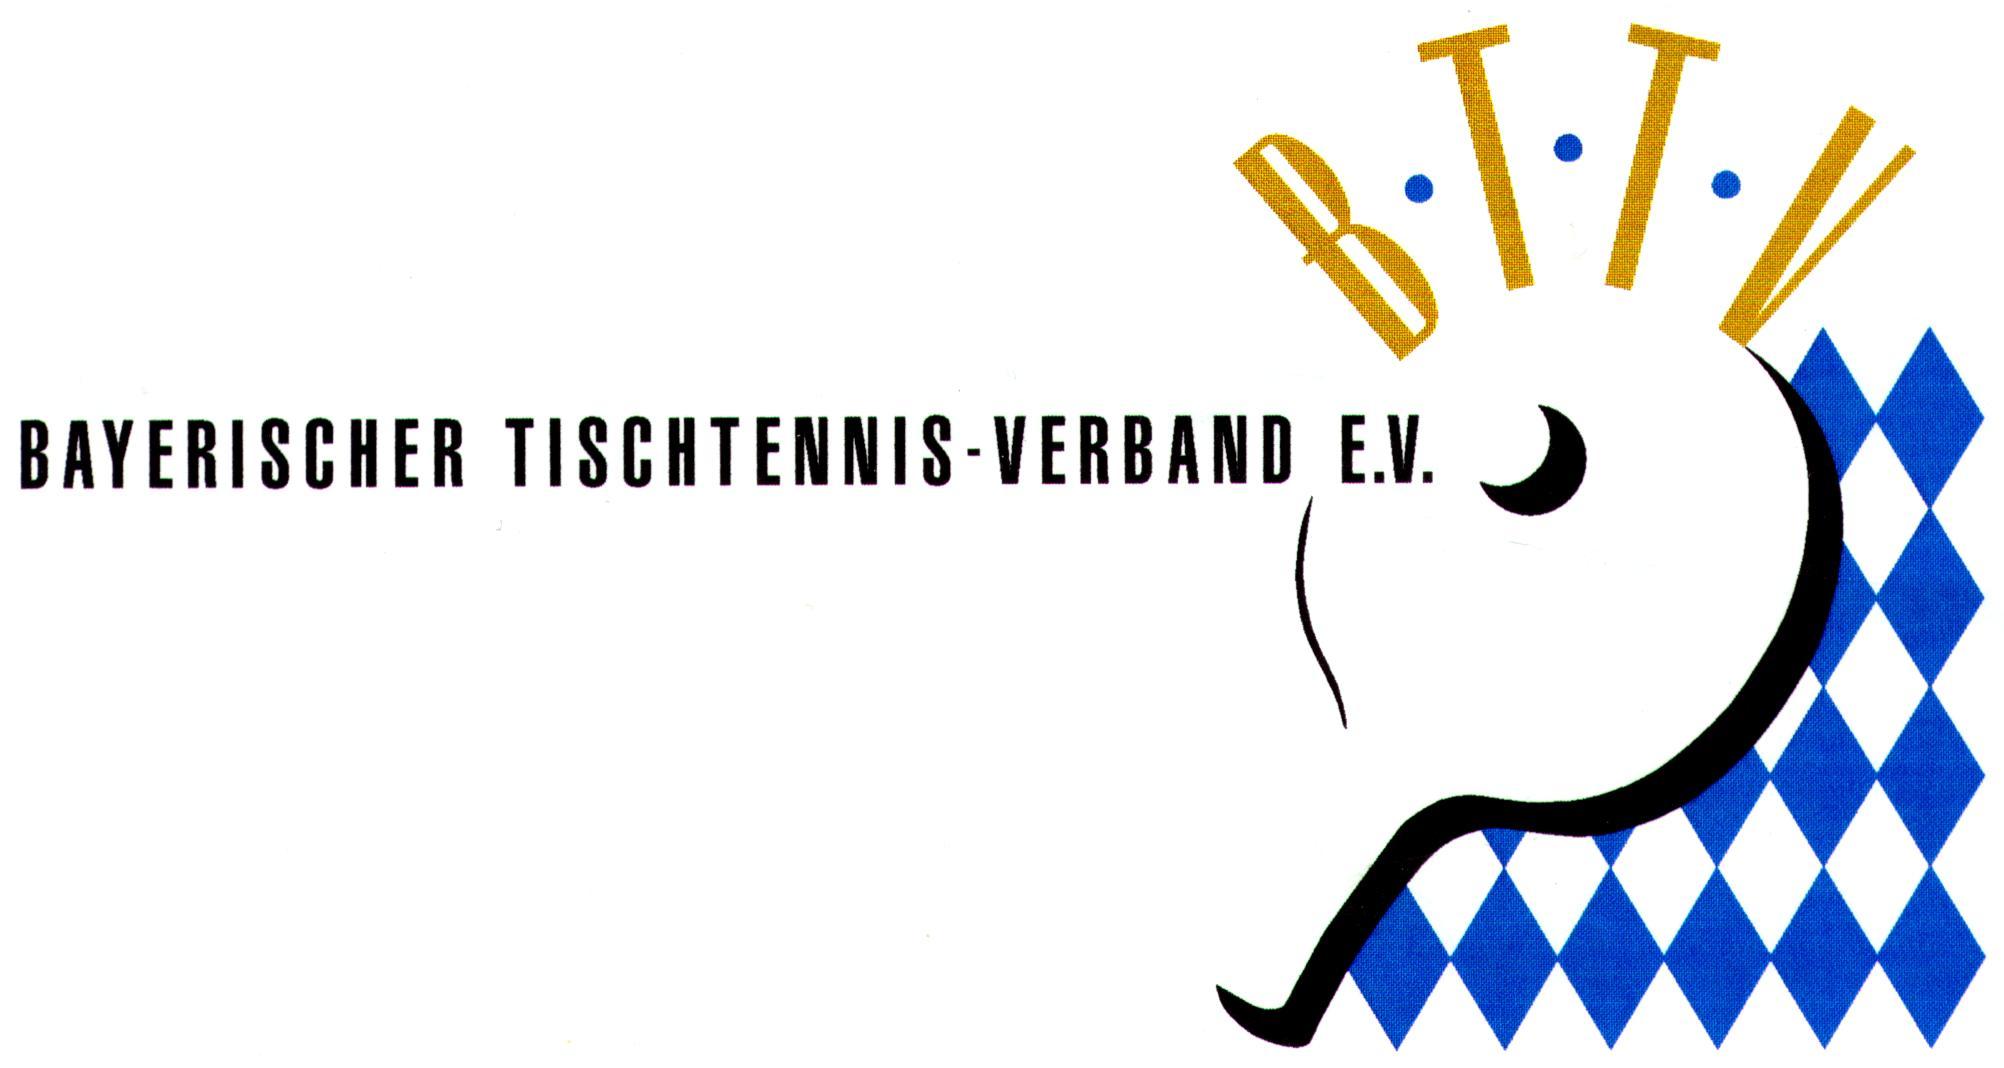 Bildergebnis für bayerischer tischtennis verband logo